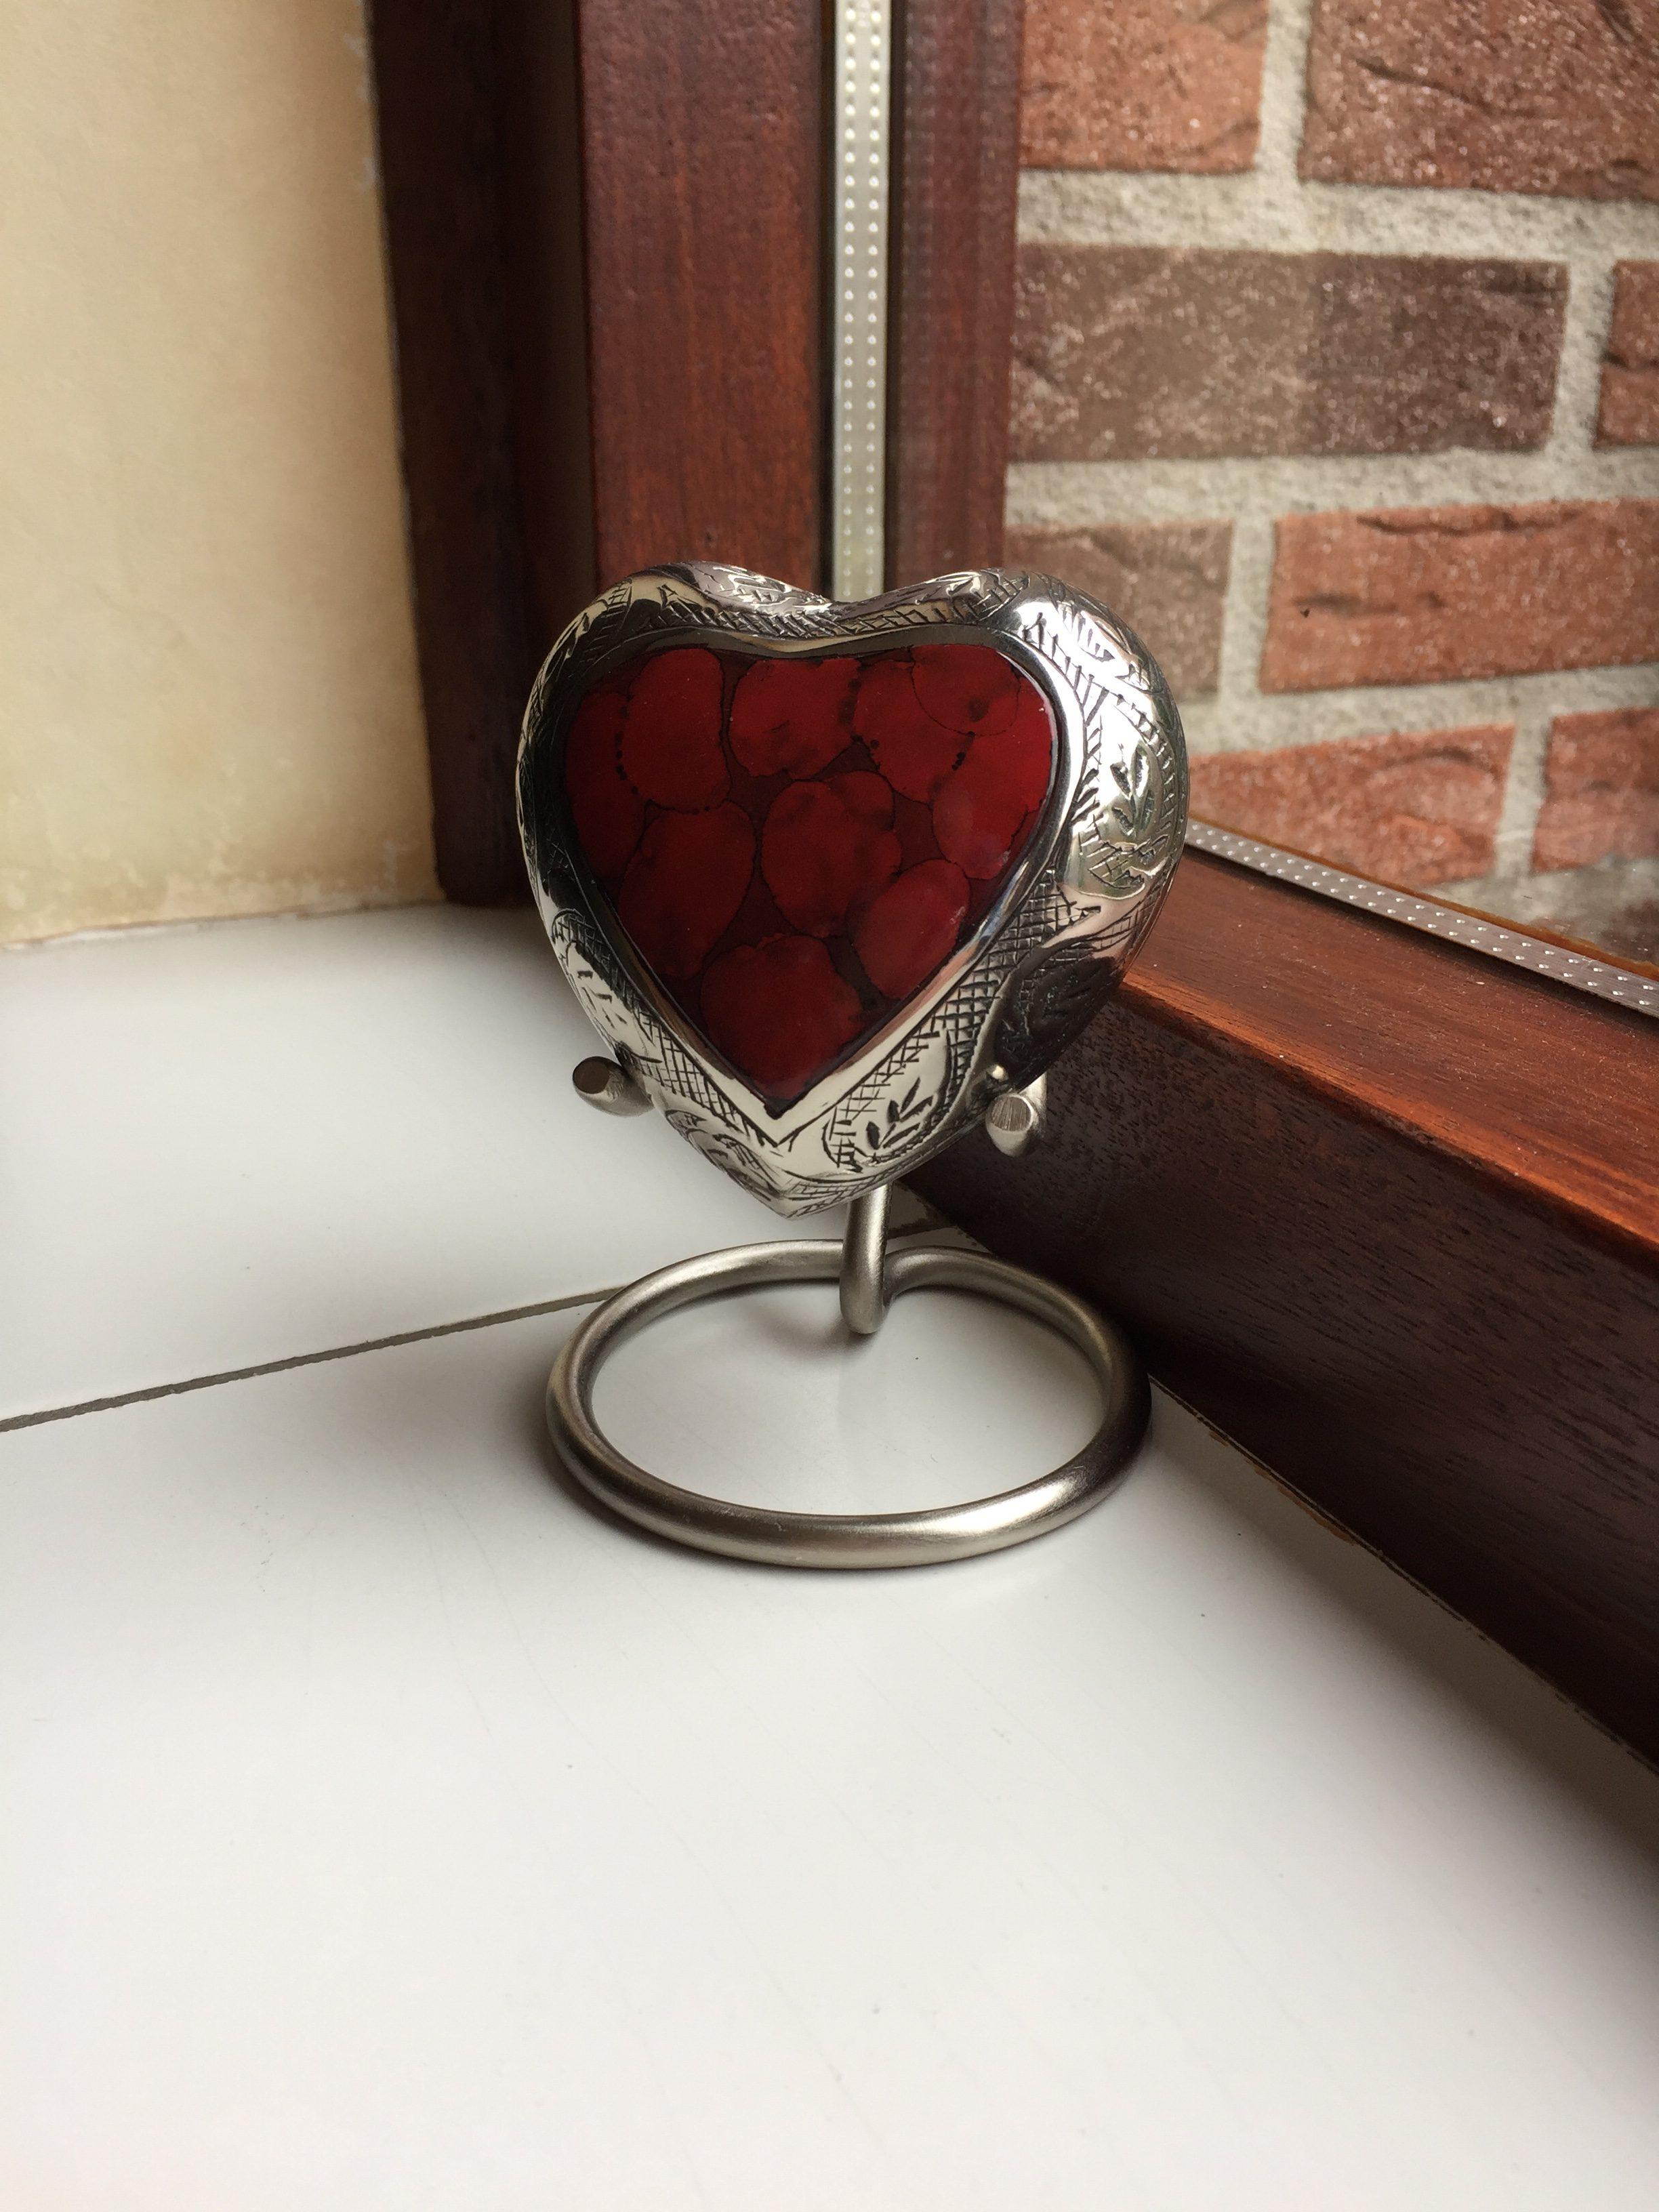 55569abd786 Kleine urn voor thuis goedkoop online kopen   Goedkopeurnkopen.nl